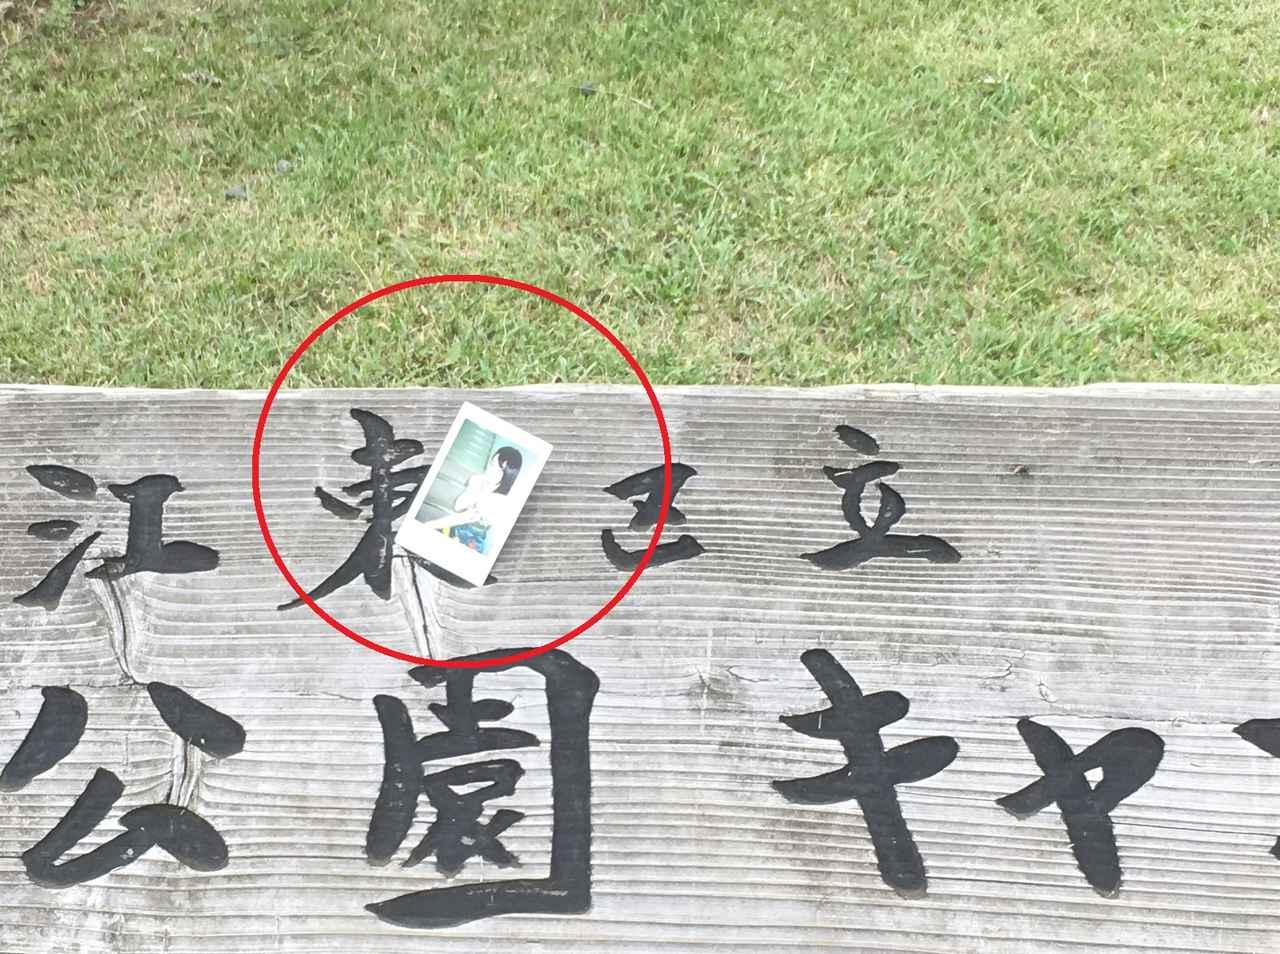 画像: 筆者撮影 ※①の正解⇒漢字「東」の位置